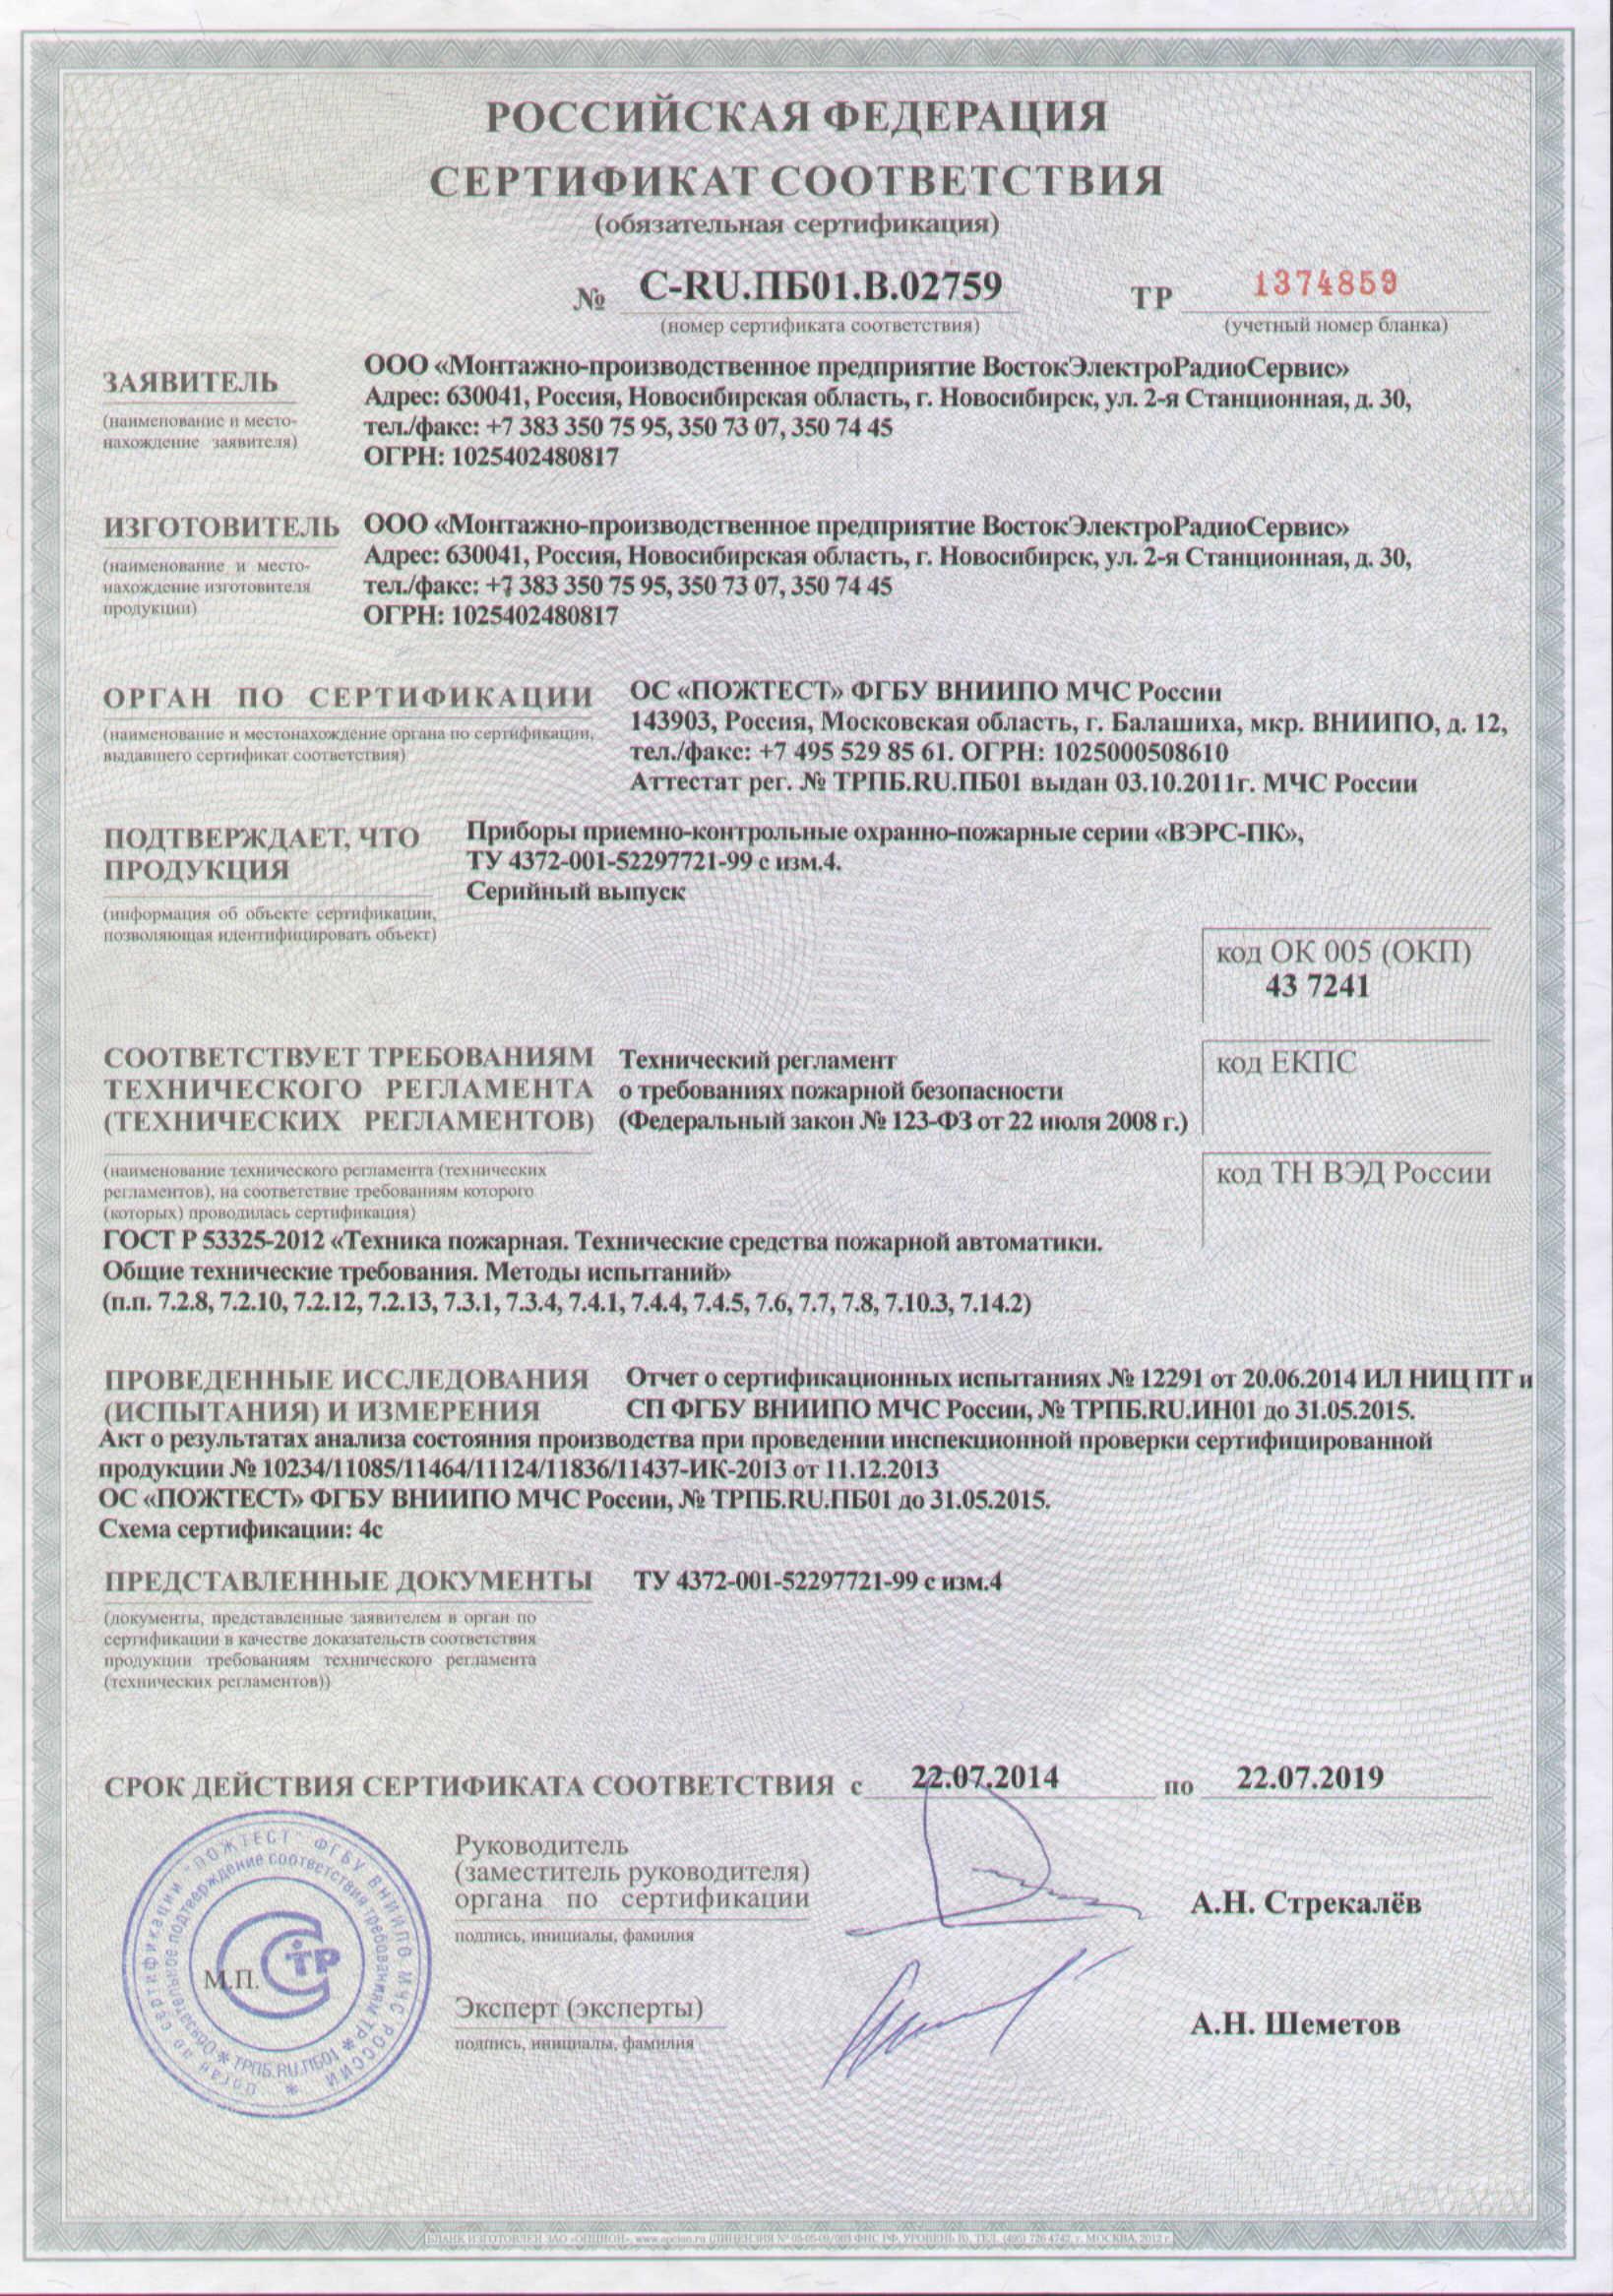 Сертификация прибор пожарный управления сертификация газовых электростанций